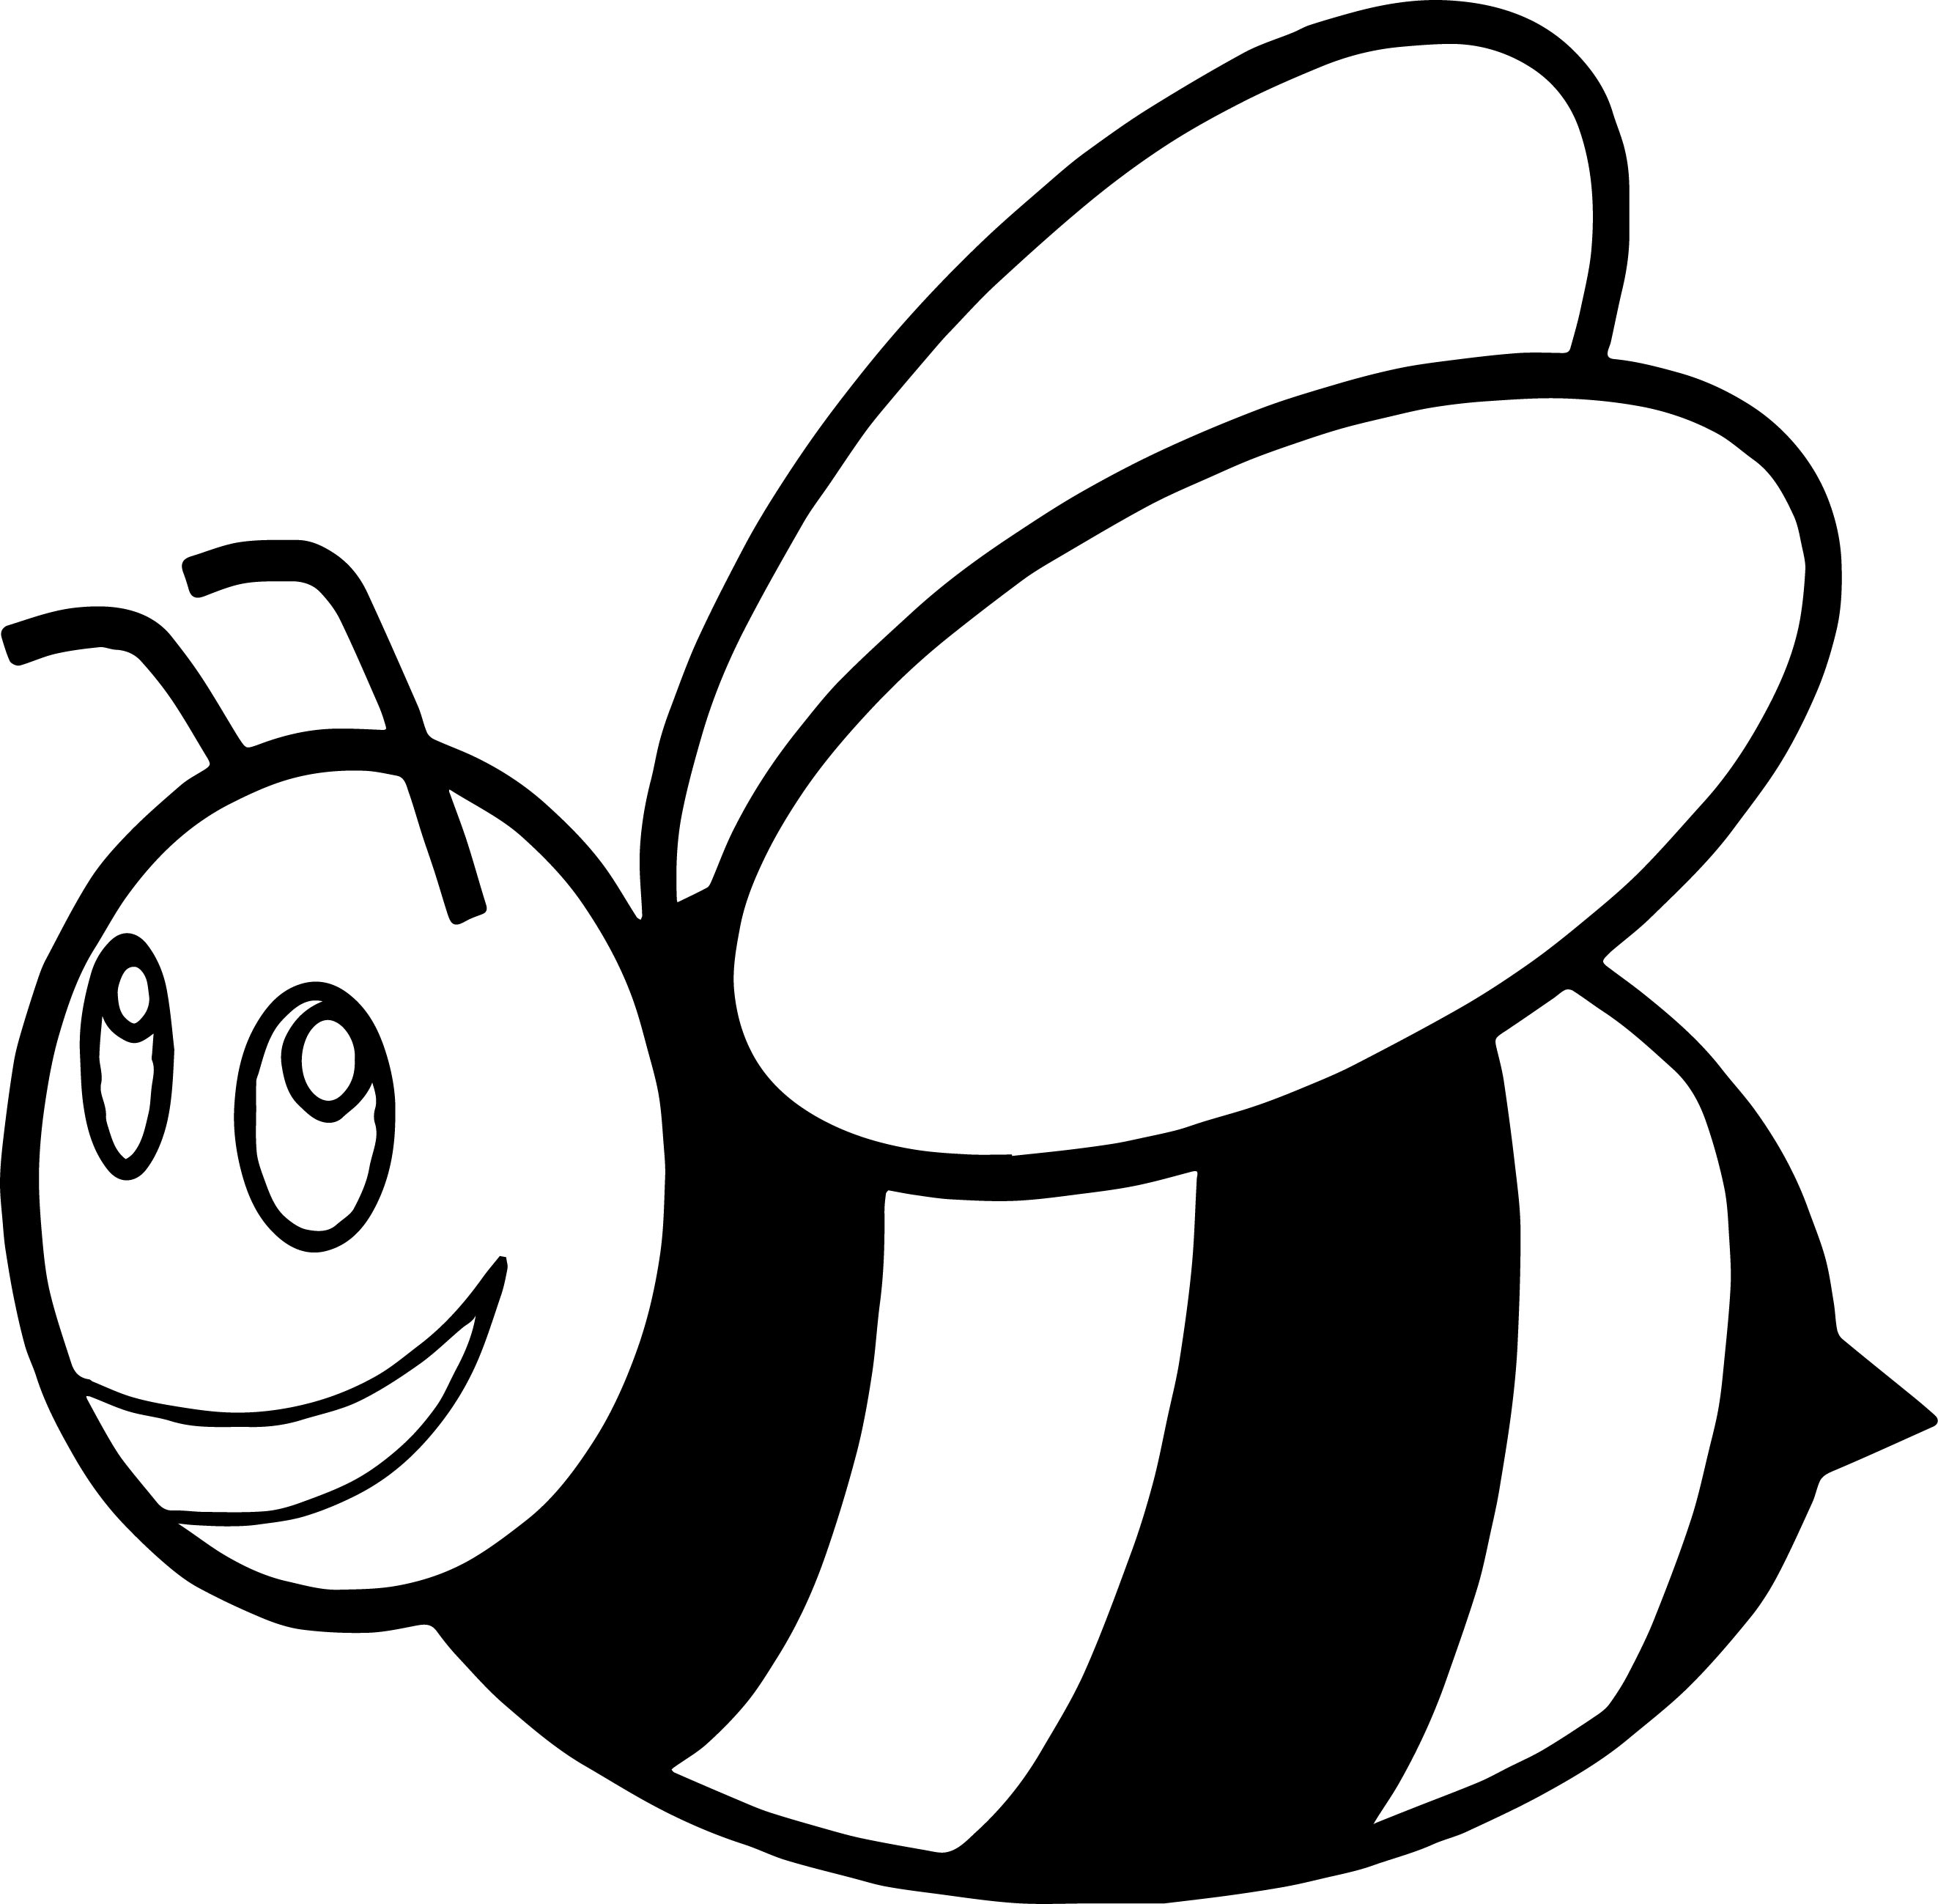 bumble bee coloring sheets free printable bumble bee coloring pages for kids coloring bee bumble sheets